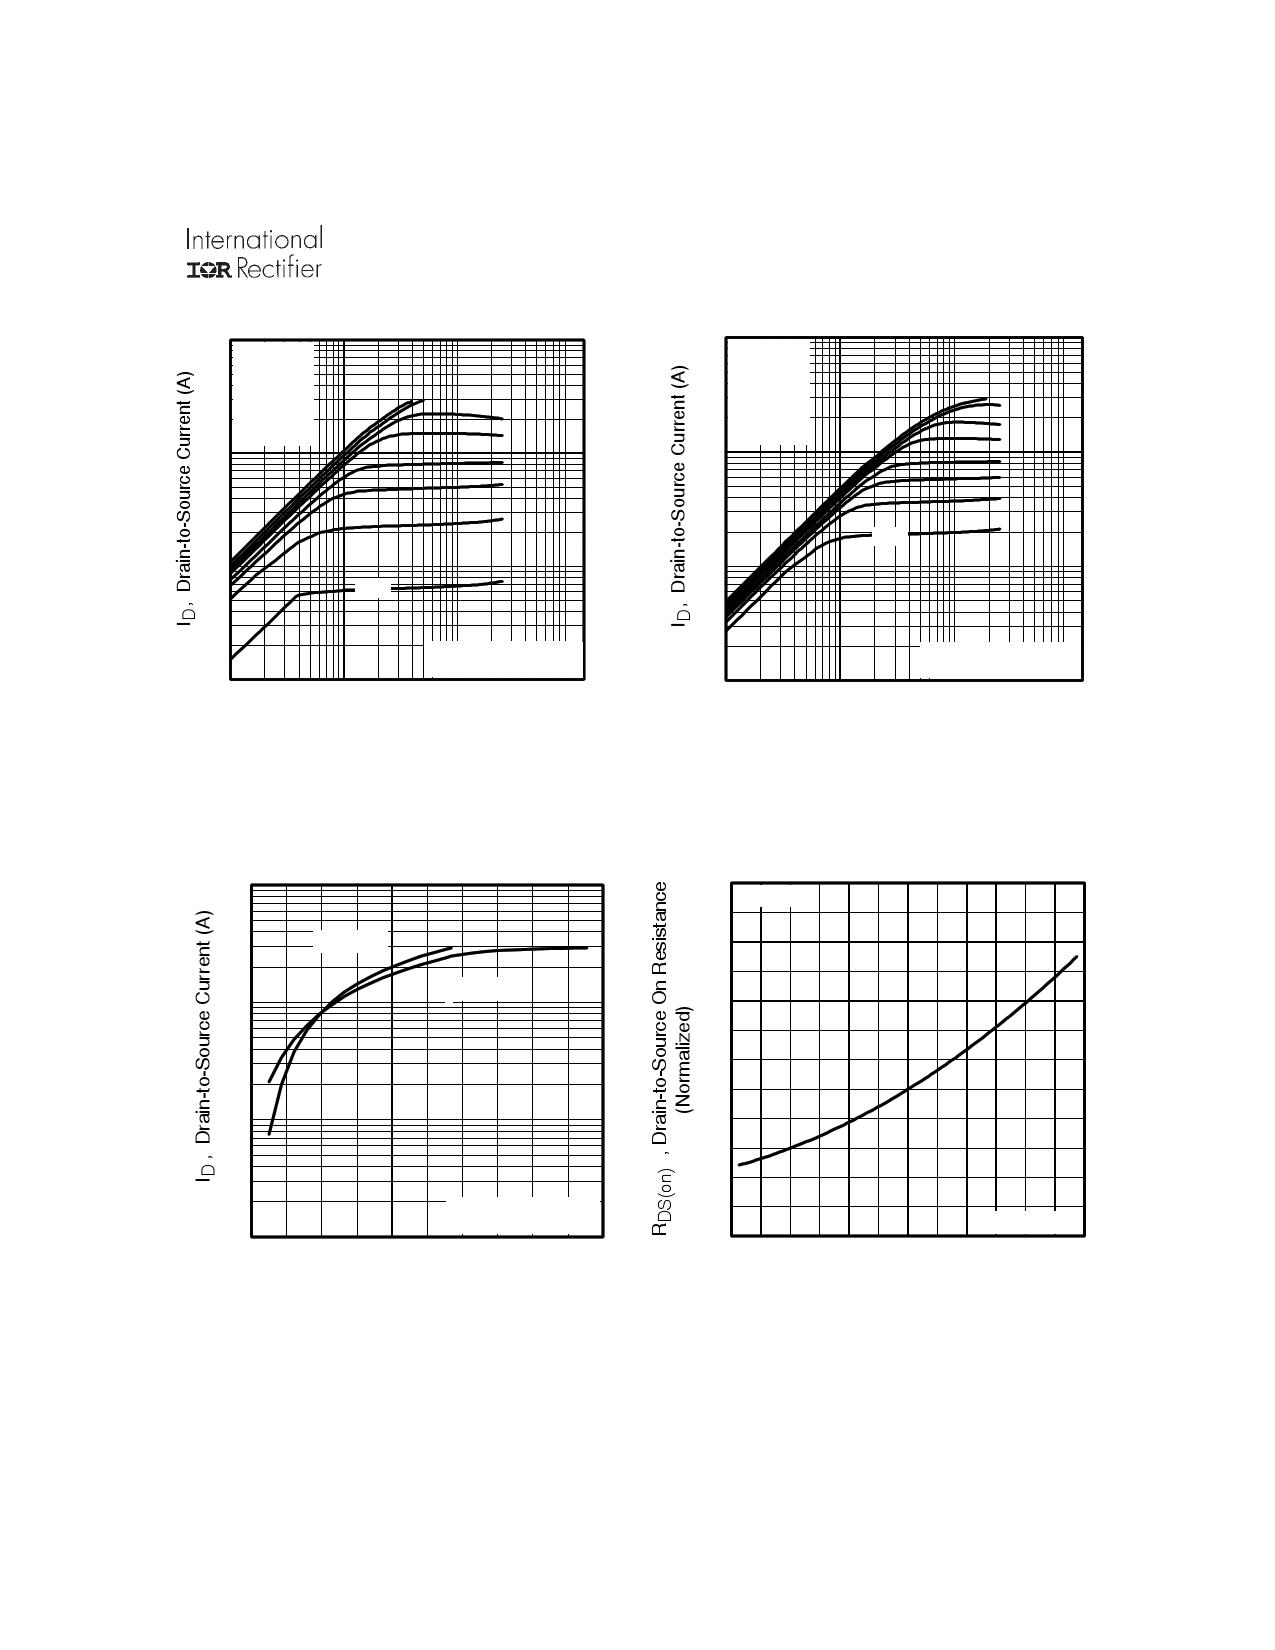 IRFIZ48VPbF pdf, ピン配列